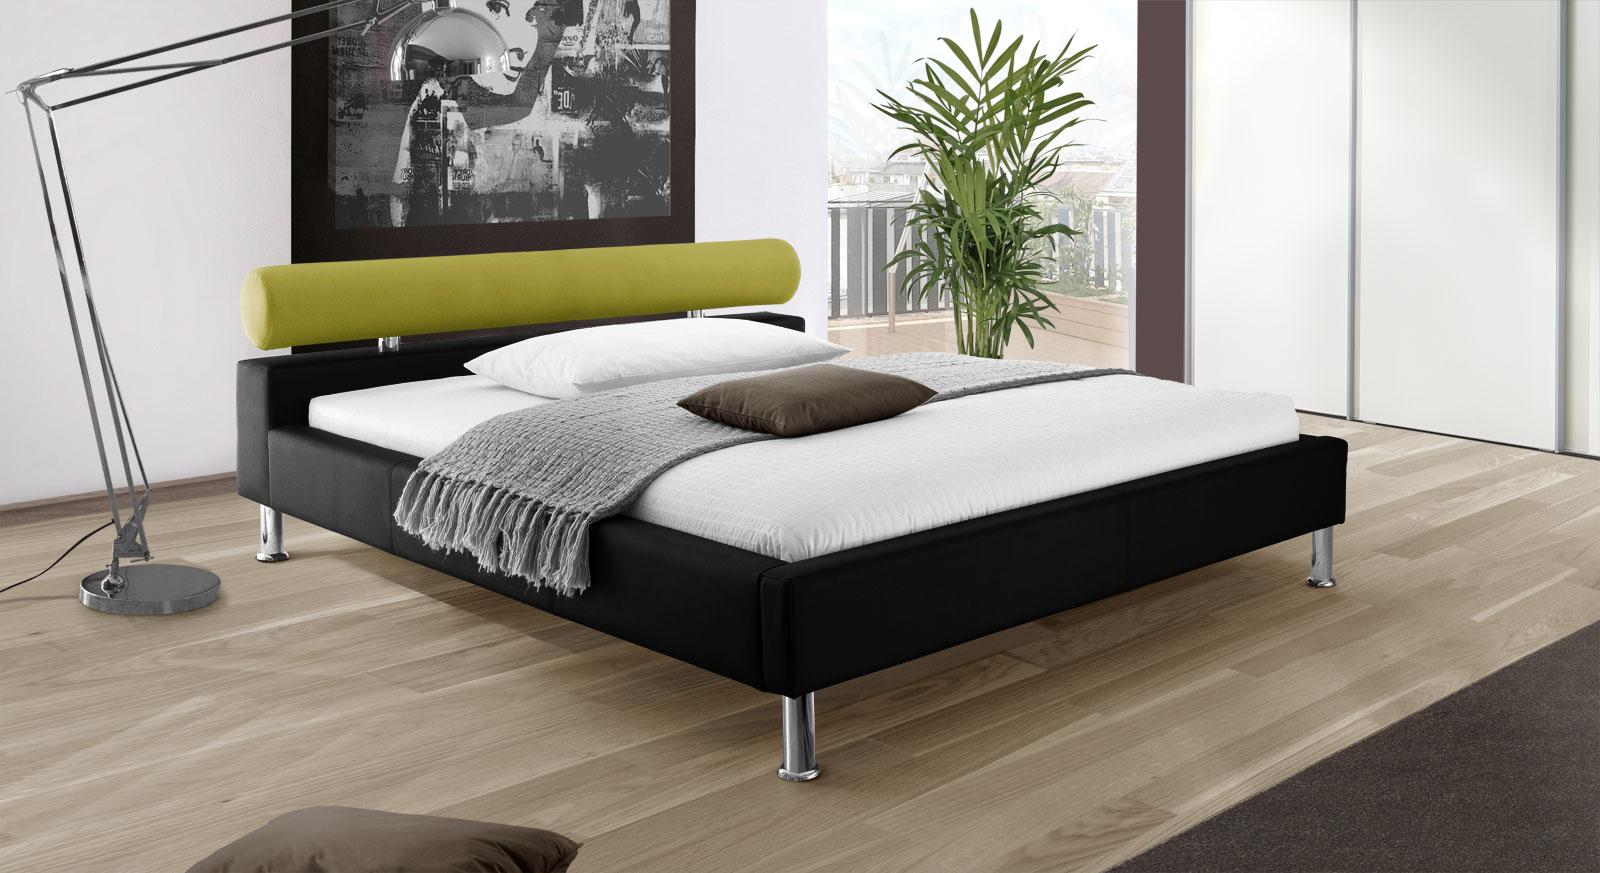 Bett Basildon in schwarzem Kunstleder und grünem Stoff